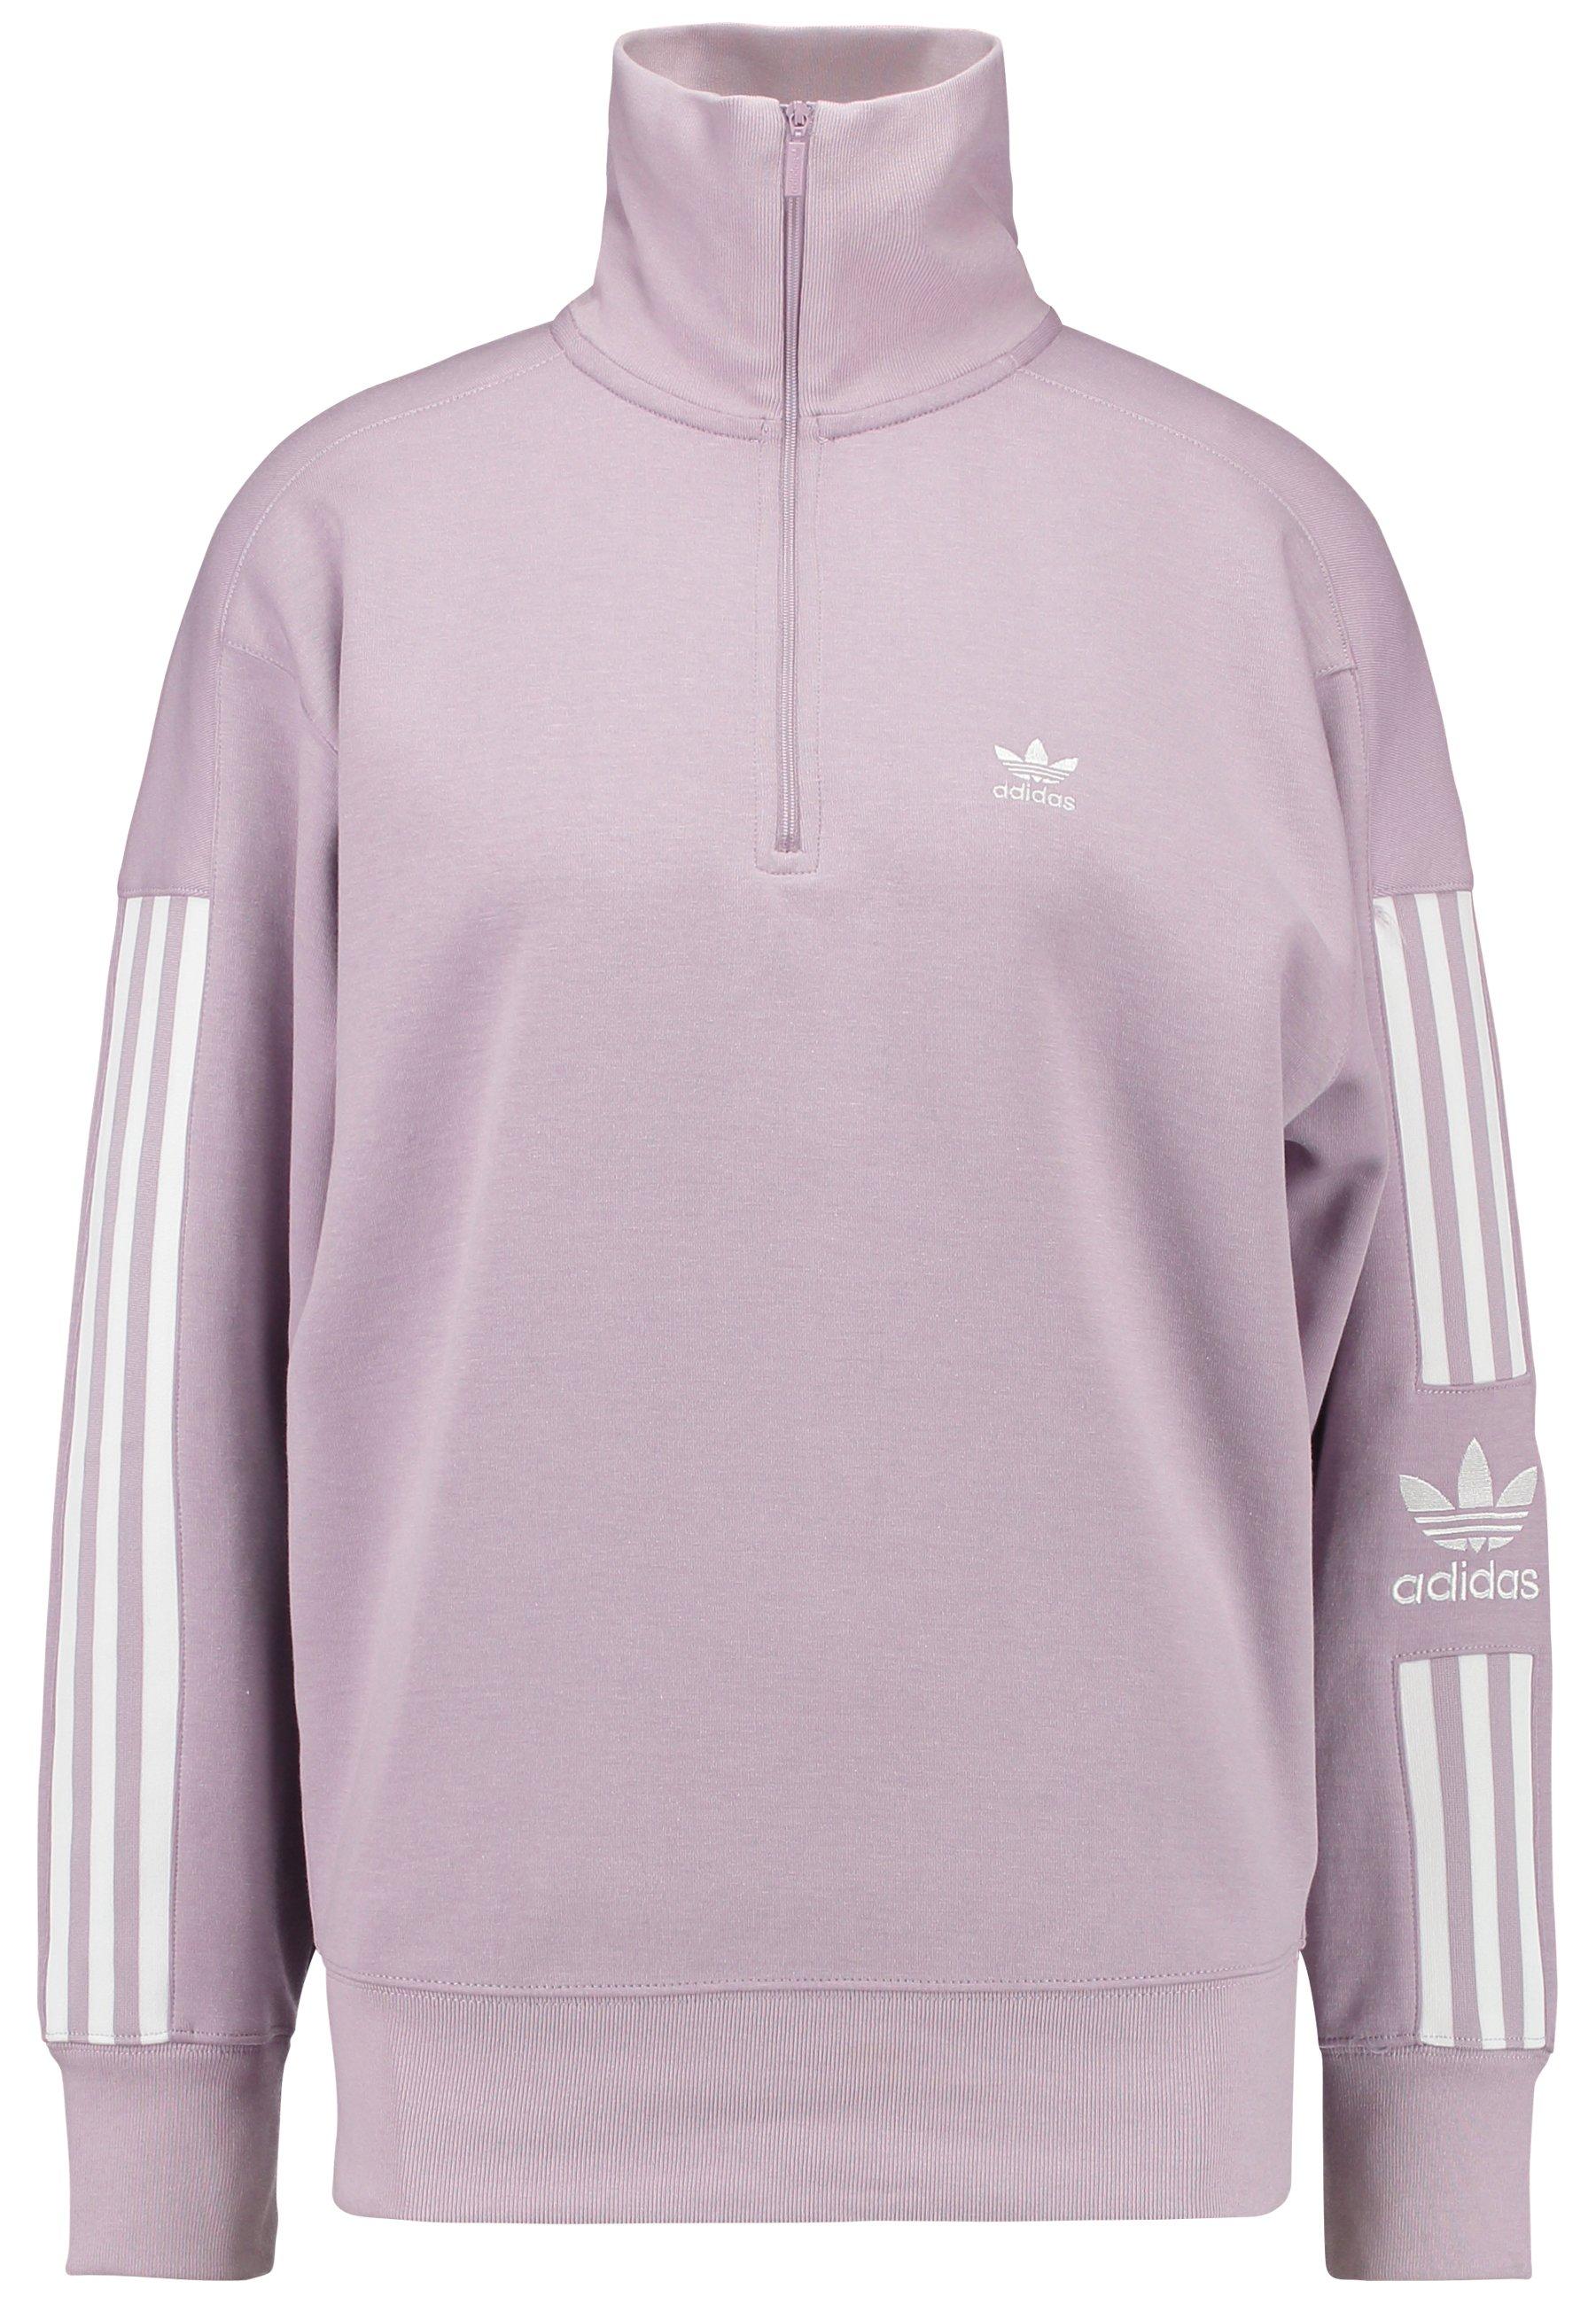 ADIDAS ORIGINALS Sweatshirt 'LOCK UP SWEAT' in flieder